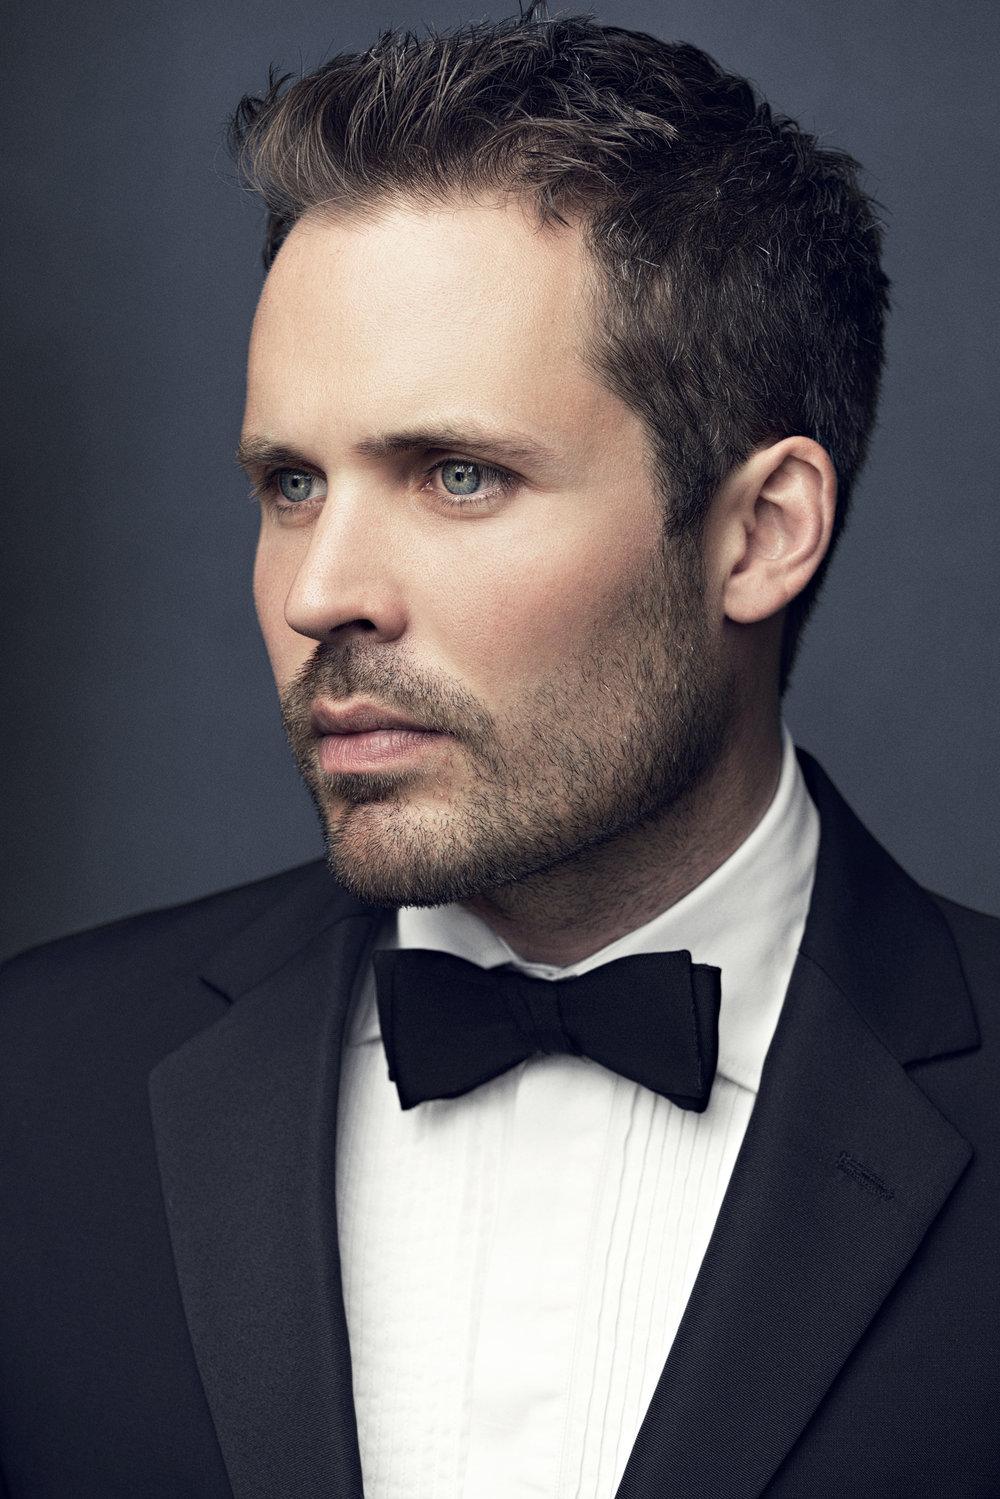 JAMES ANDERSON | Actor